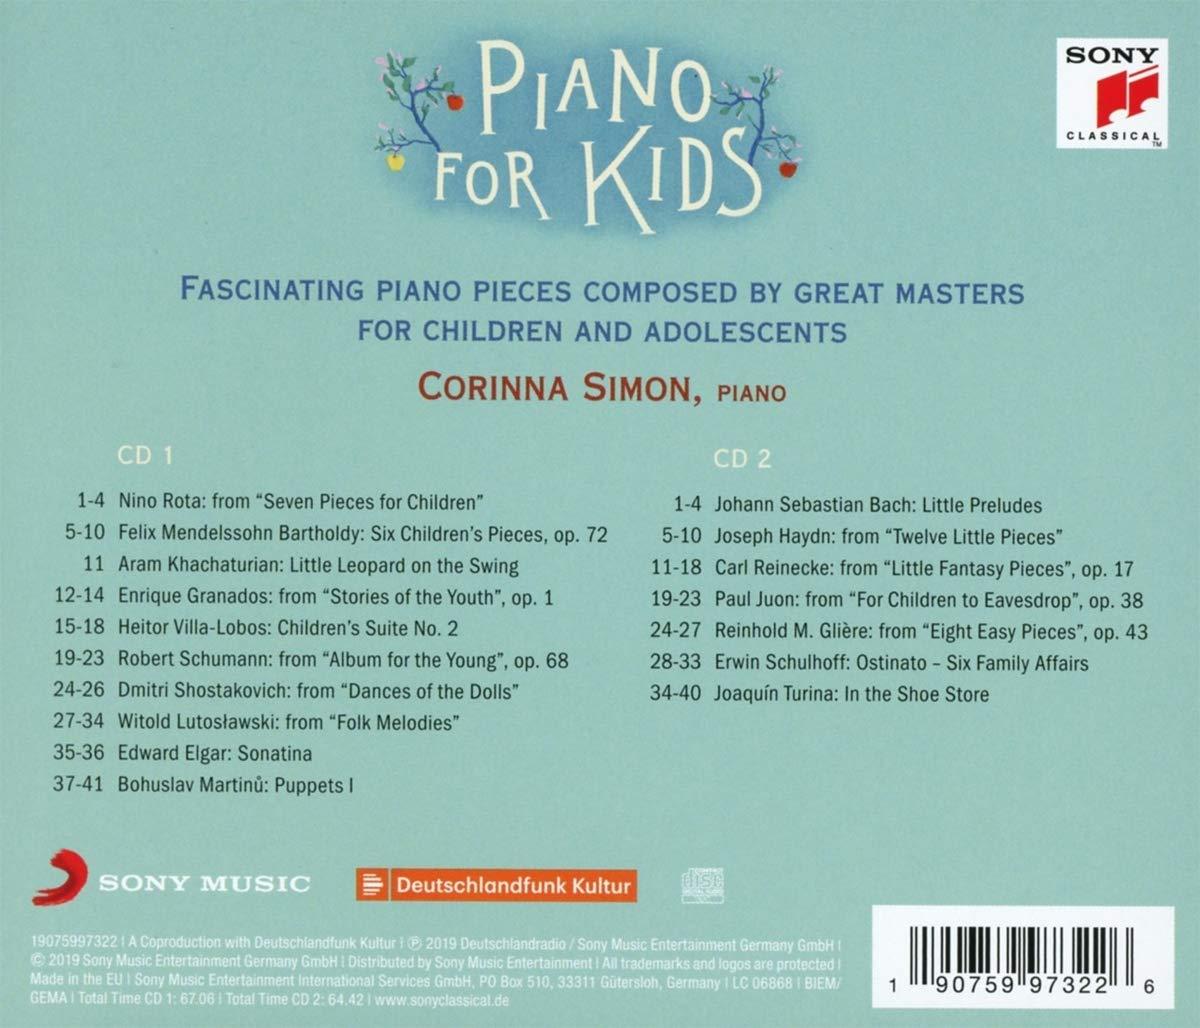 Corinna Simon 어린이를 위한 피아노 작품 모음집 (Piano For Kids)